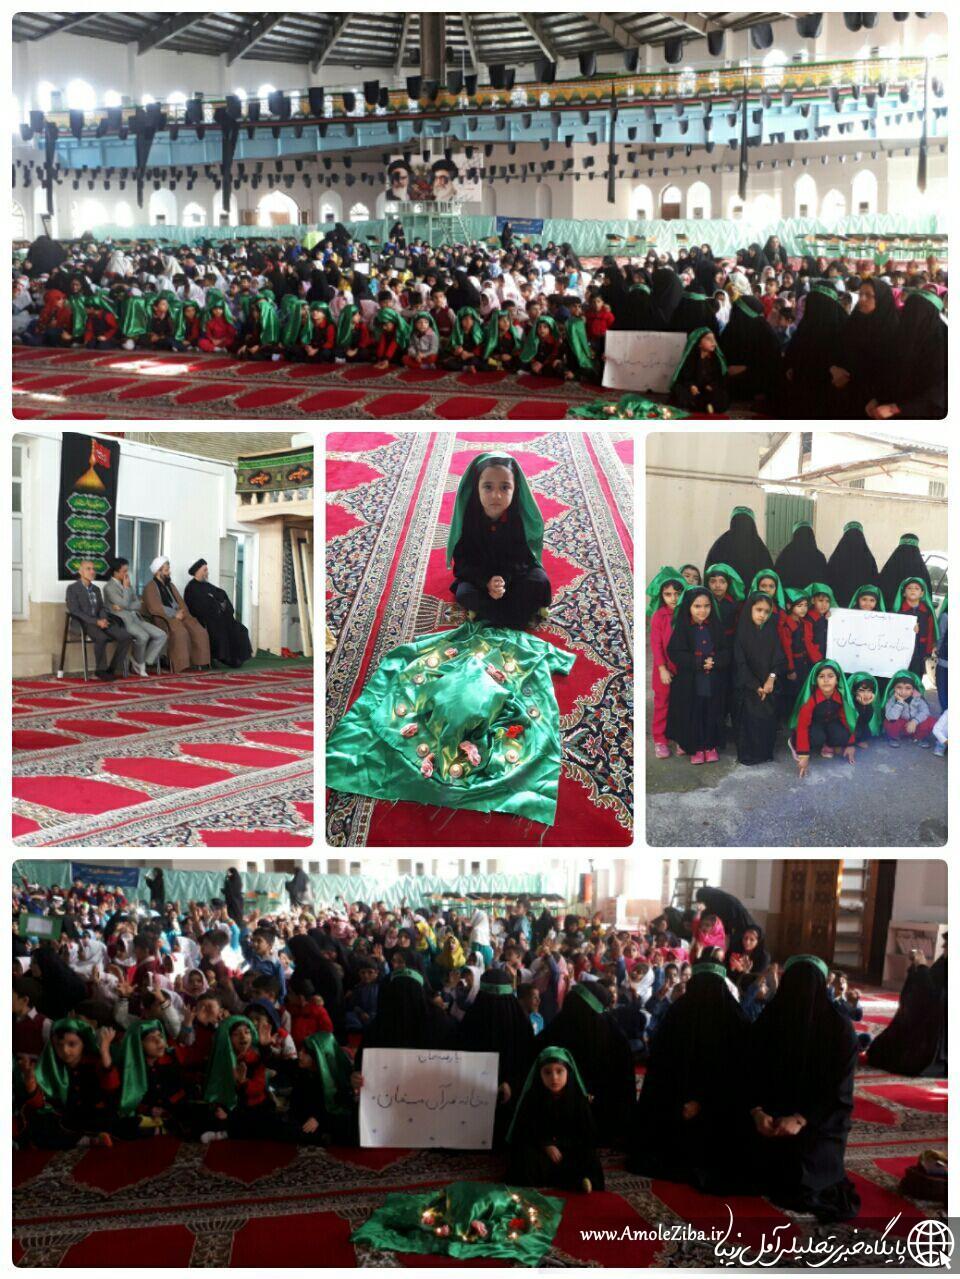 همایش حضرت رقیه در شهرستان آمل برگزار شد.